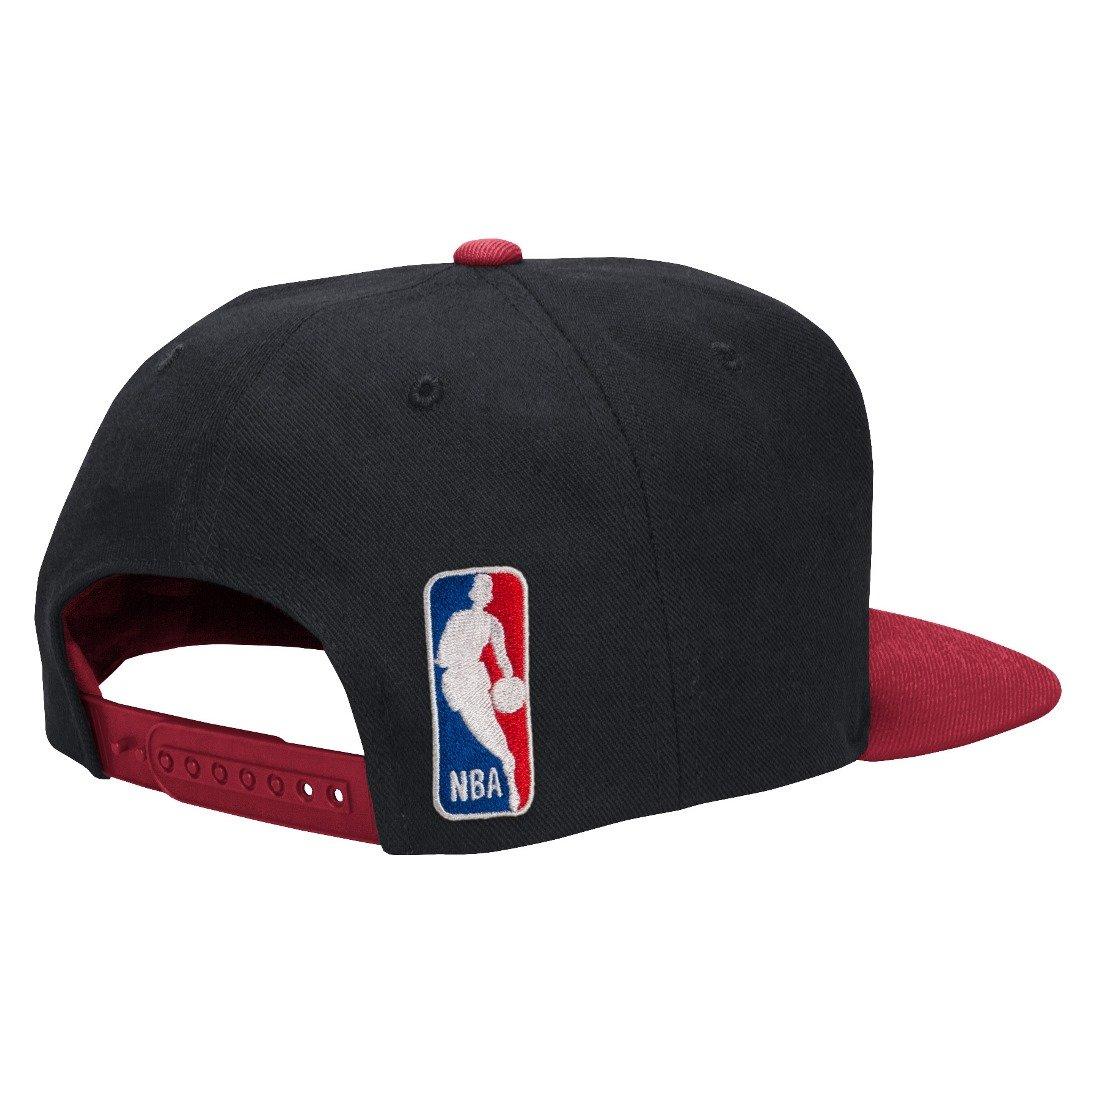 adidas Miami Heat NBA 2015 auténticos Pista Snap Back Gorra  Amazon.es   Deportes y aire libre 96a636cb6d7